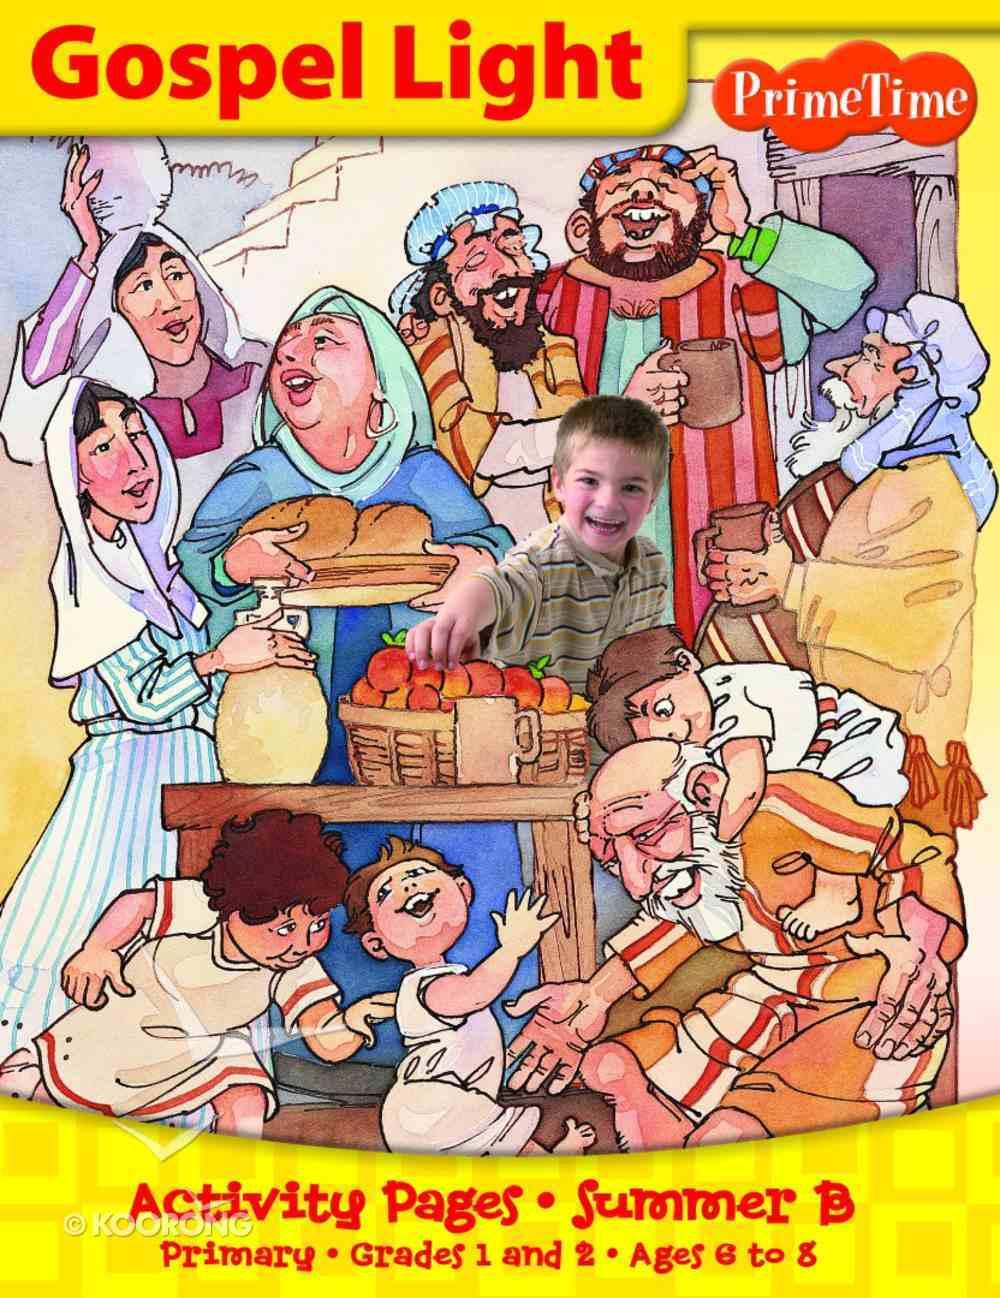 Primetime (Gospel Light Living Word Series) Paperback